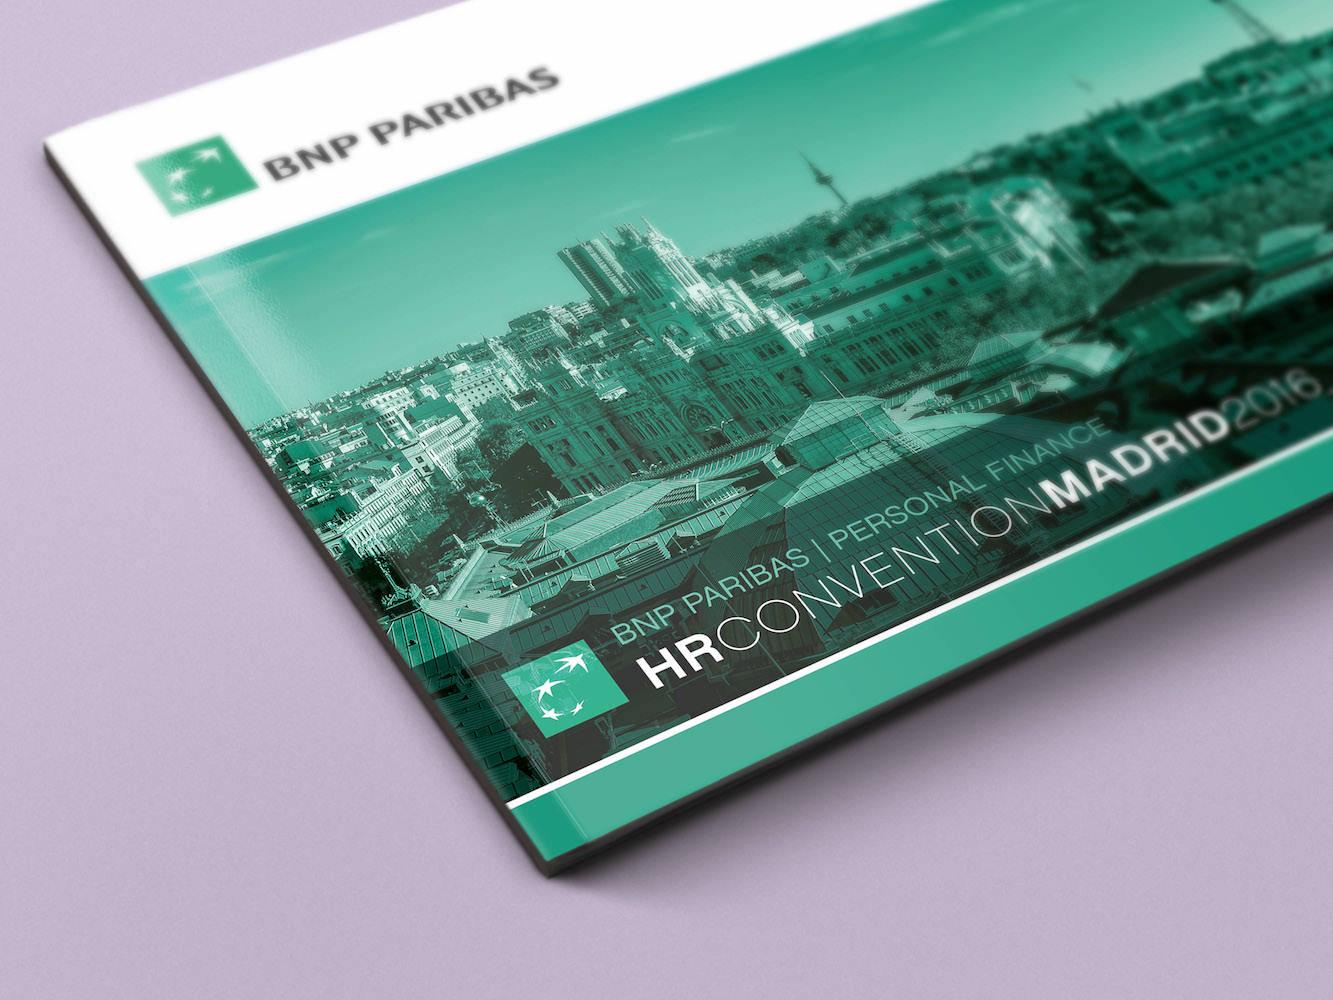 Dise o desarrollo web y gr fico profesional en marbella y - Diseno industrial malaga ...